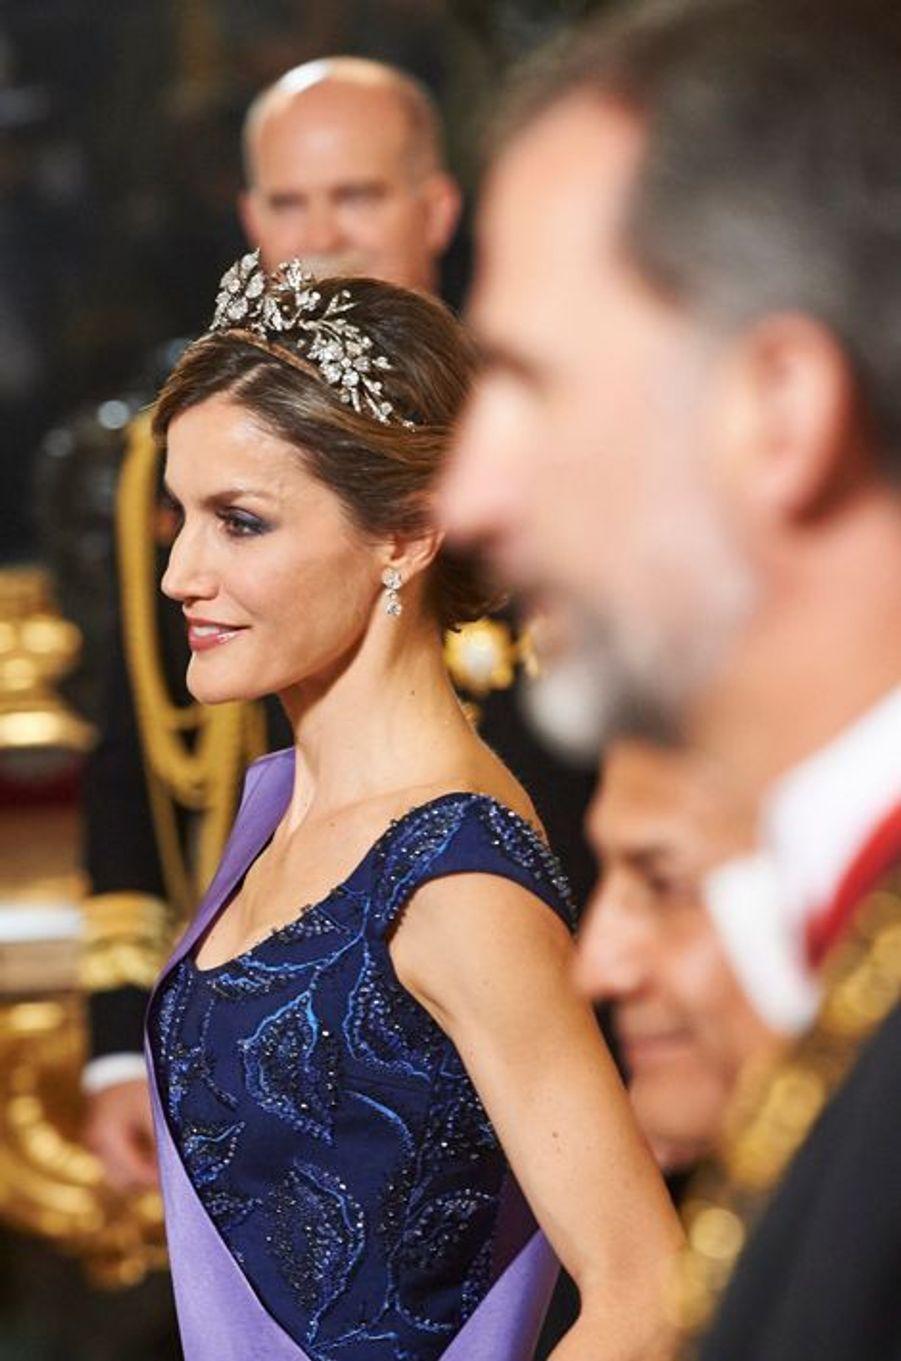 La reine Letizia et le roi Felipe VI d'Espagne au Palais royal à Madrid, le 7 juillet 2015